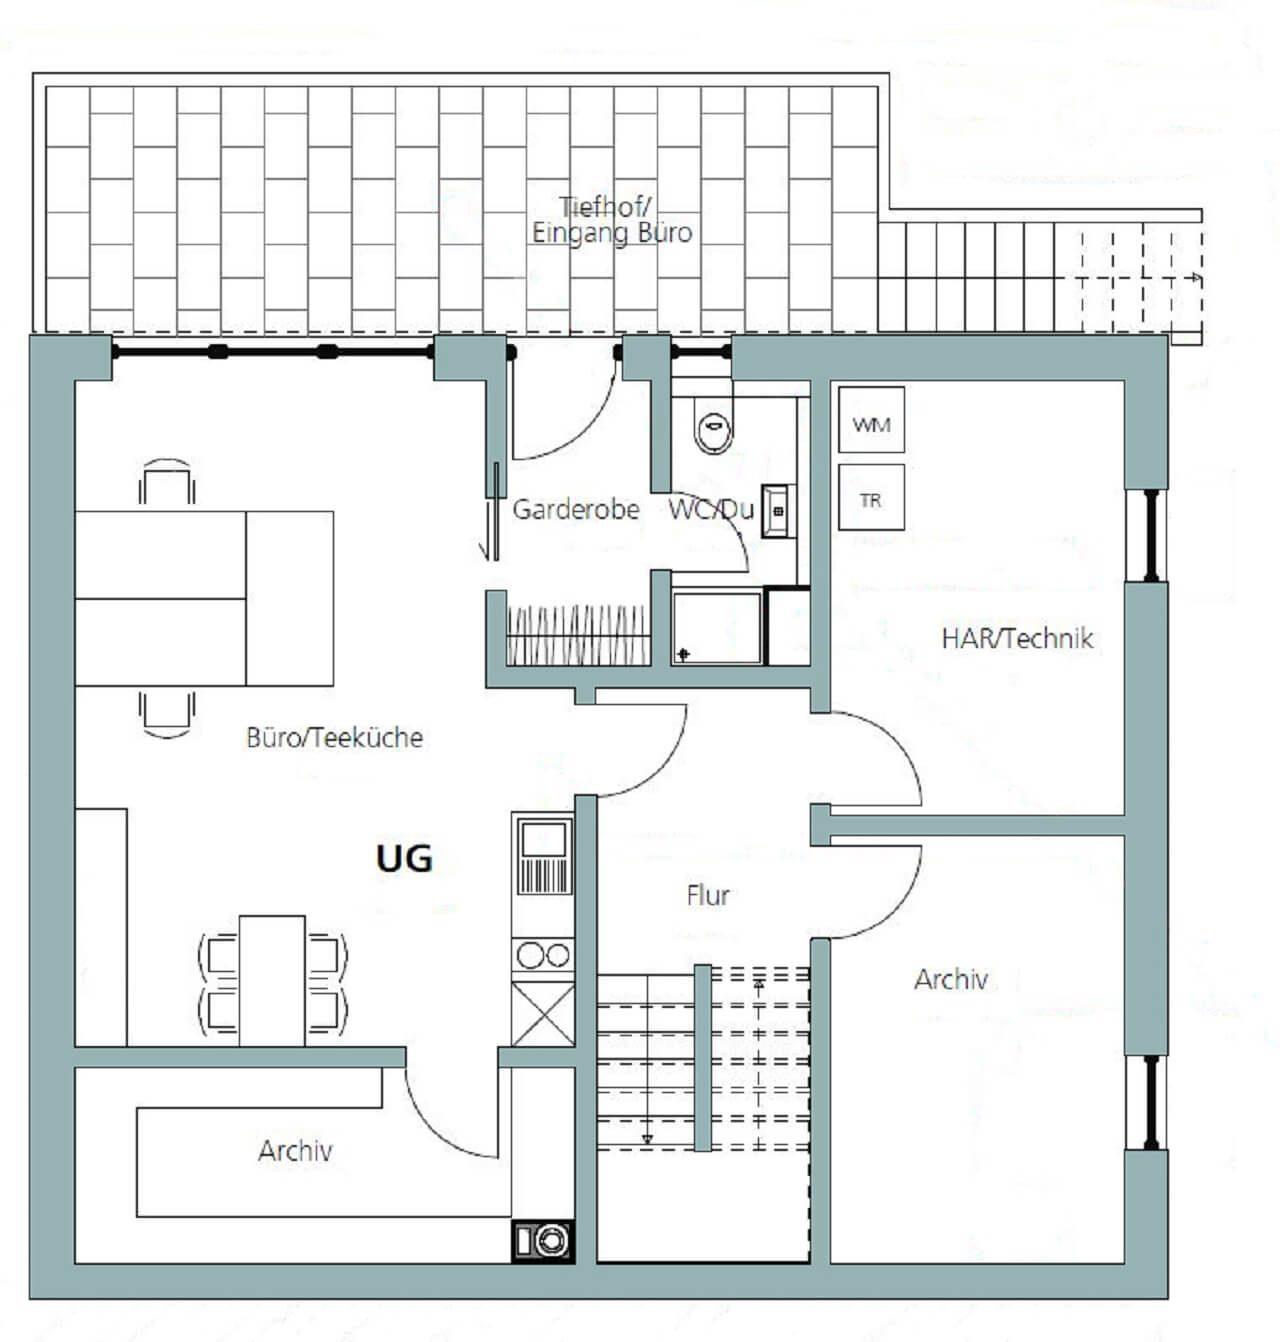 Haus U 089 - Eine nahaufnahme von text auf einem weißen hintergrund - Gebäudeplan